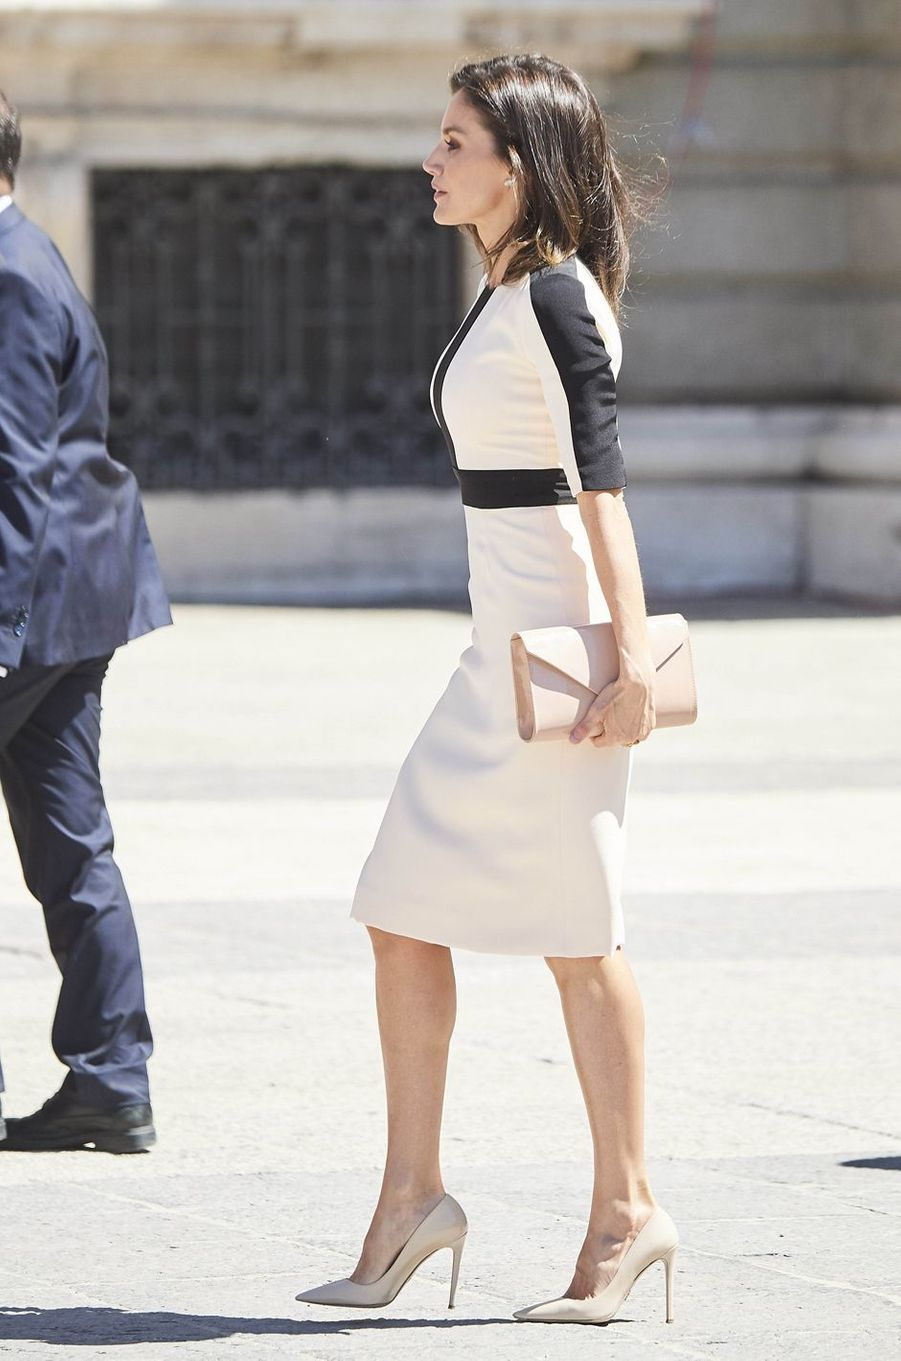 La reine Letizia d'Espagne dans une robe bicolore à Madrid, le 13 mai 2019